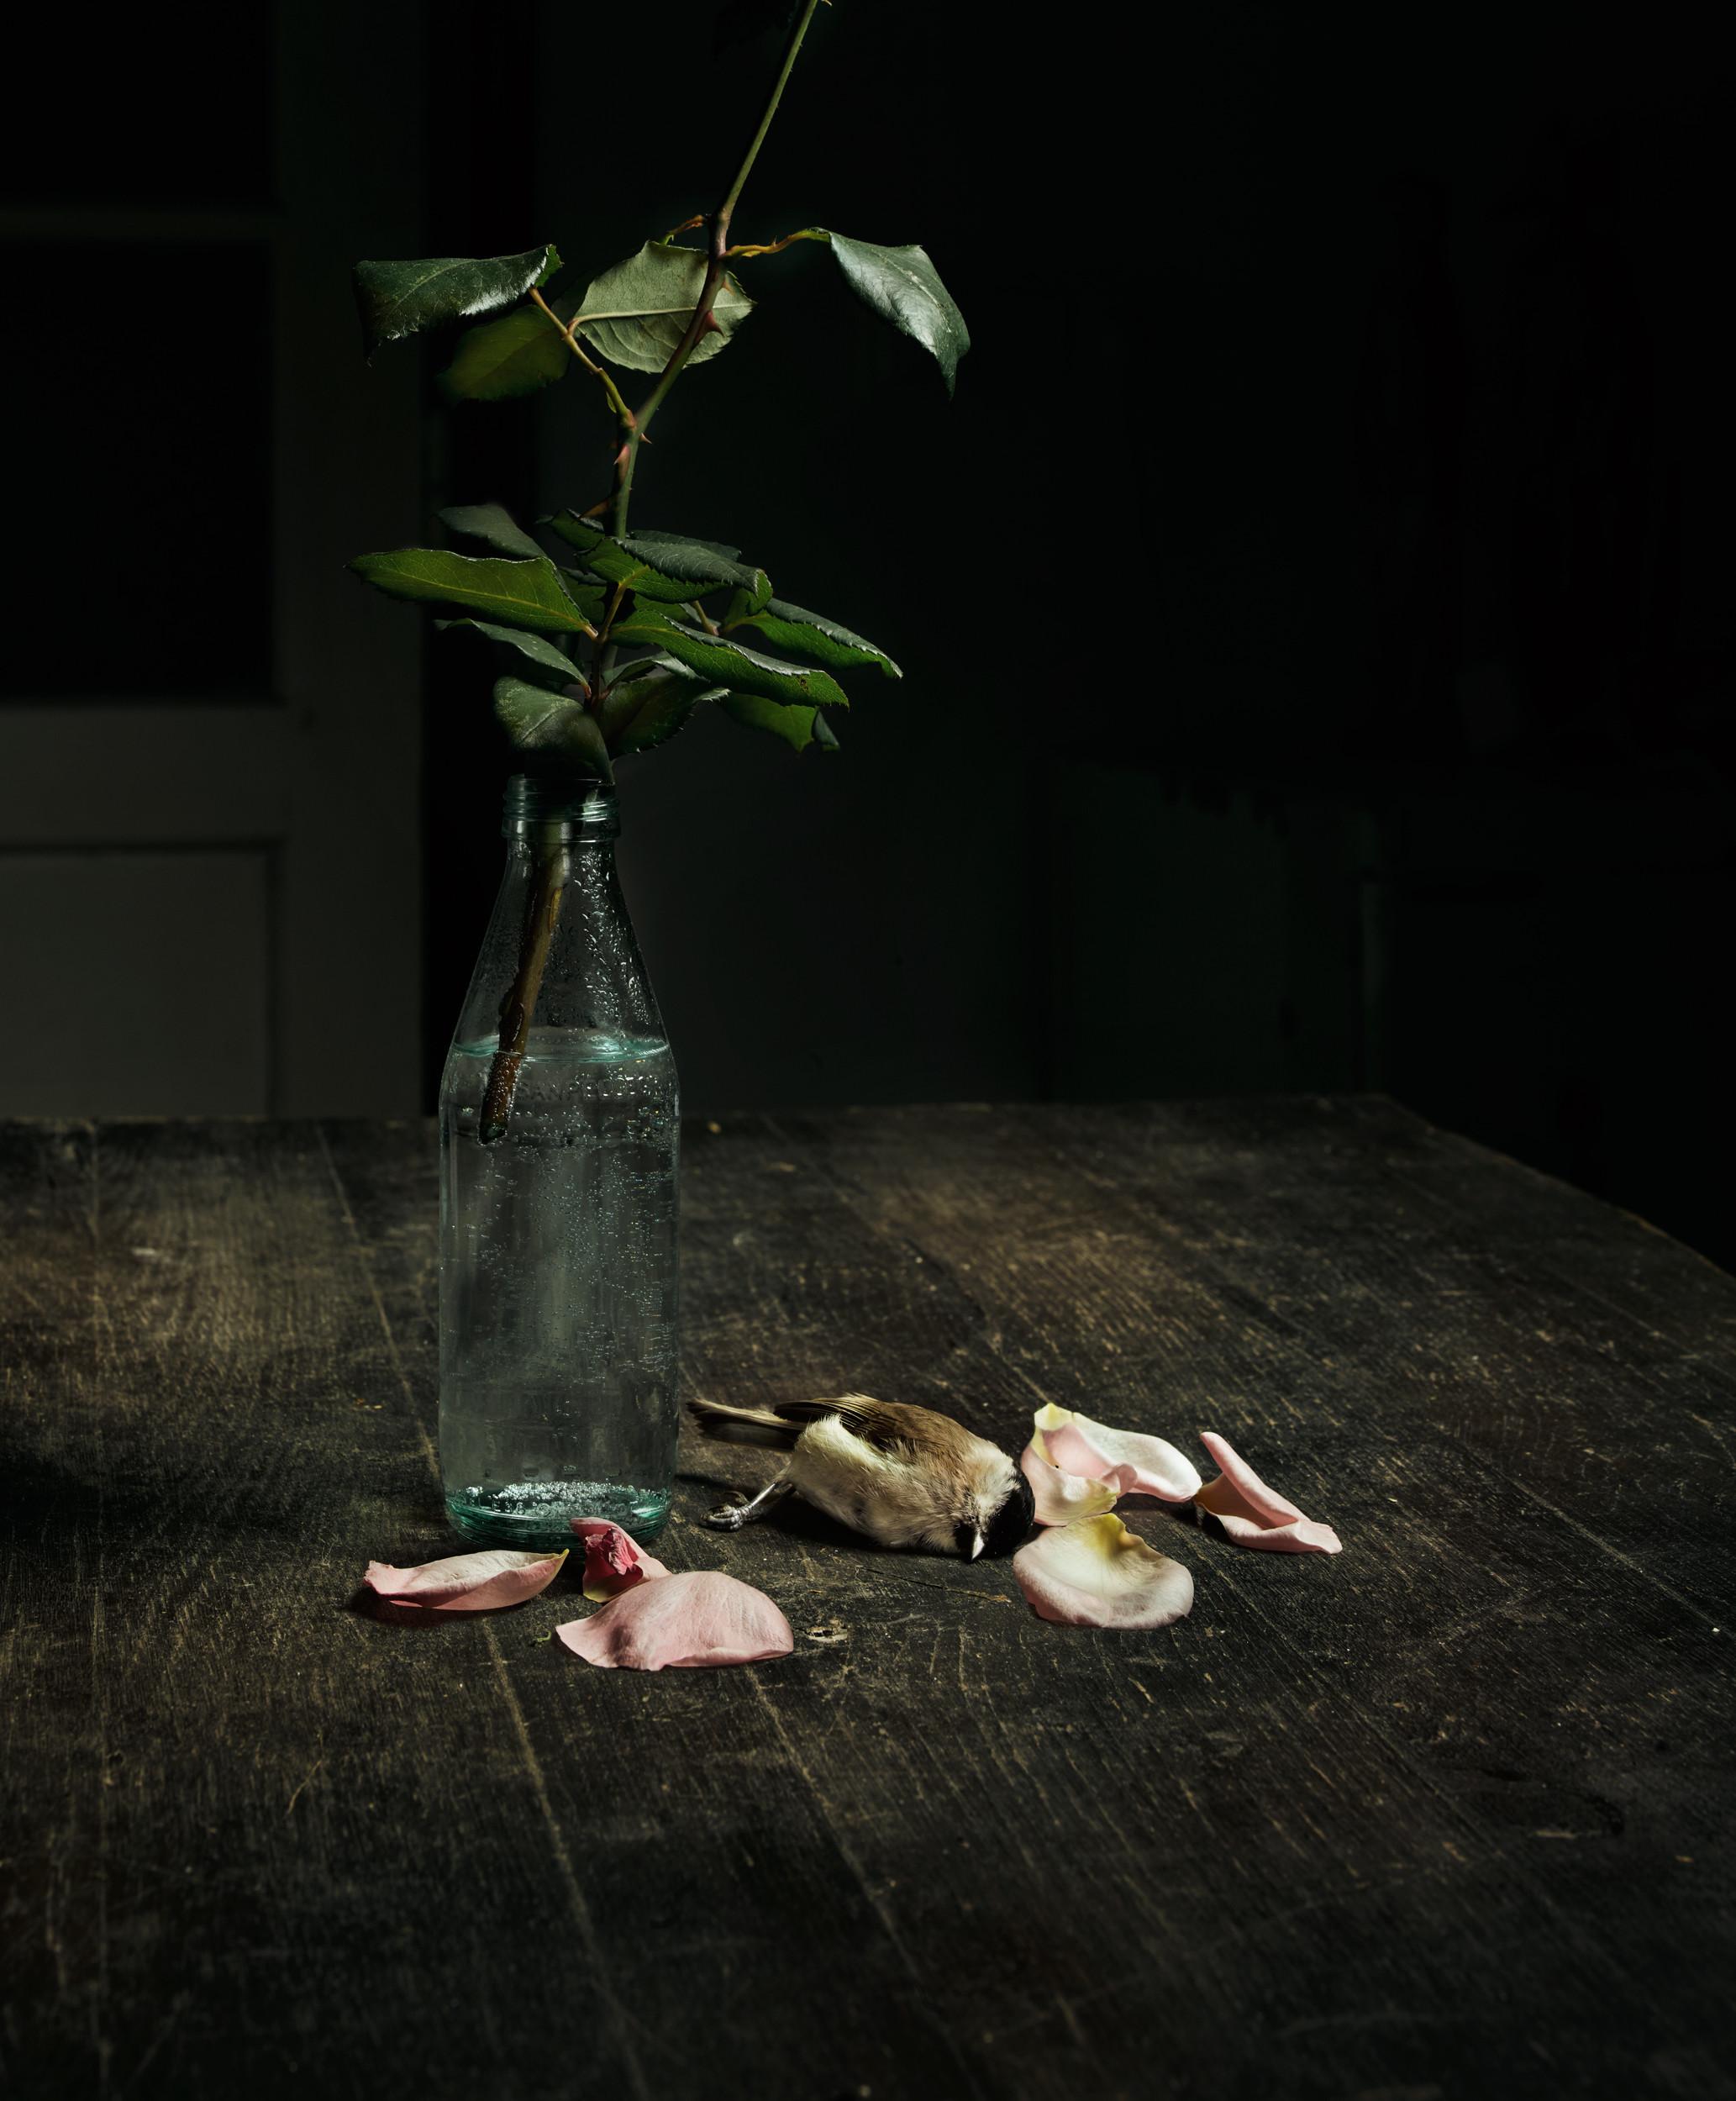 Mészáros László: Halott madár